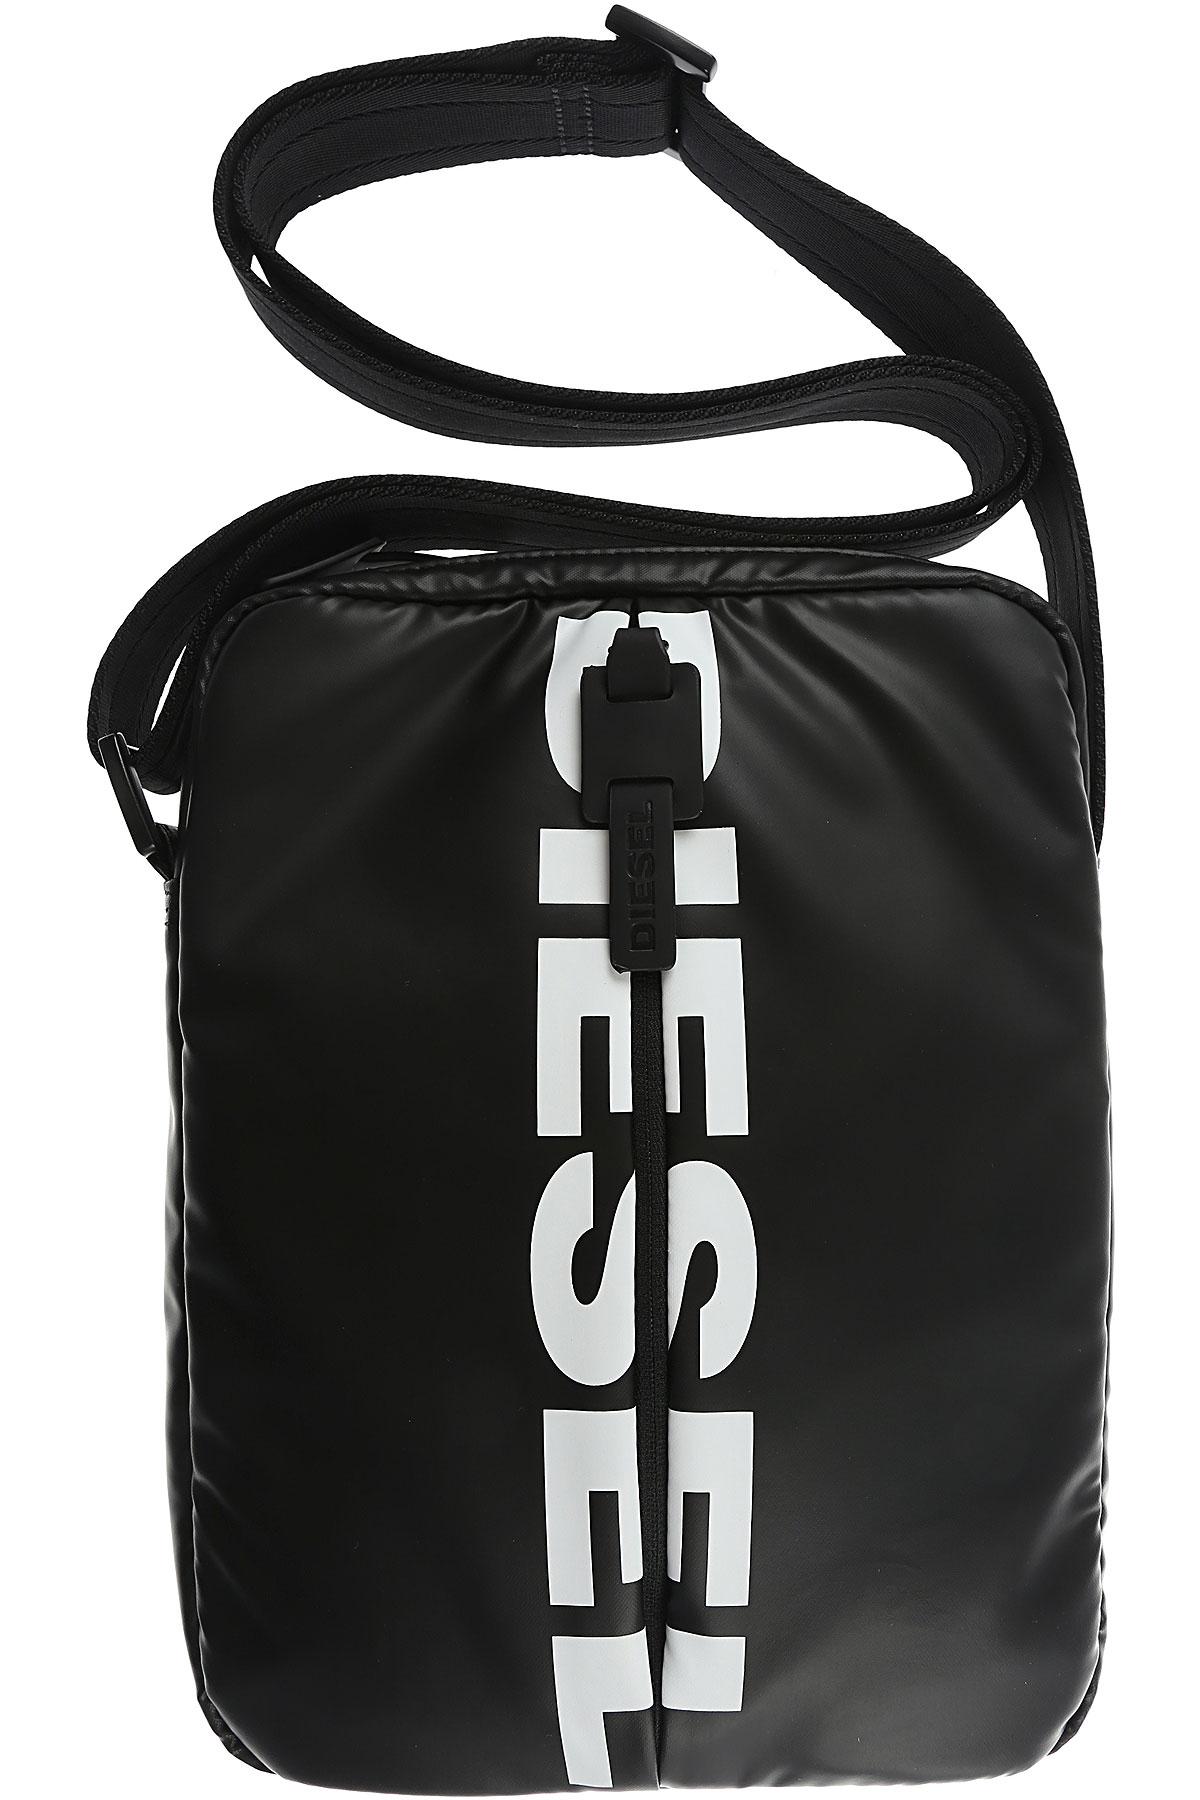 Image of Diesel Messenger Bag for Men, Black, polyurethane, 2017